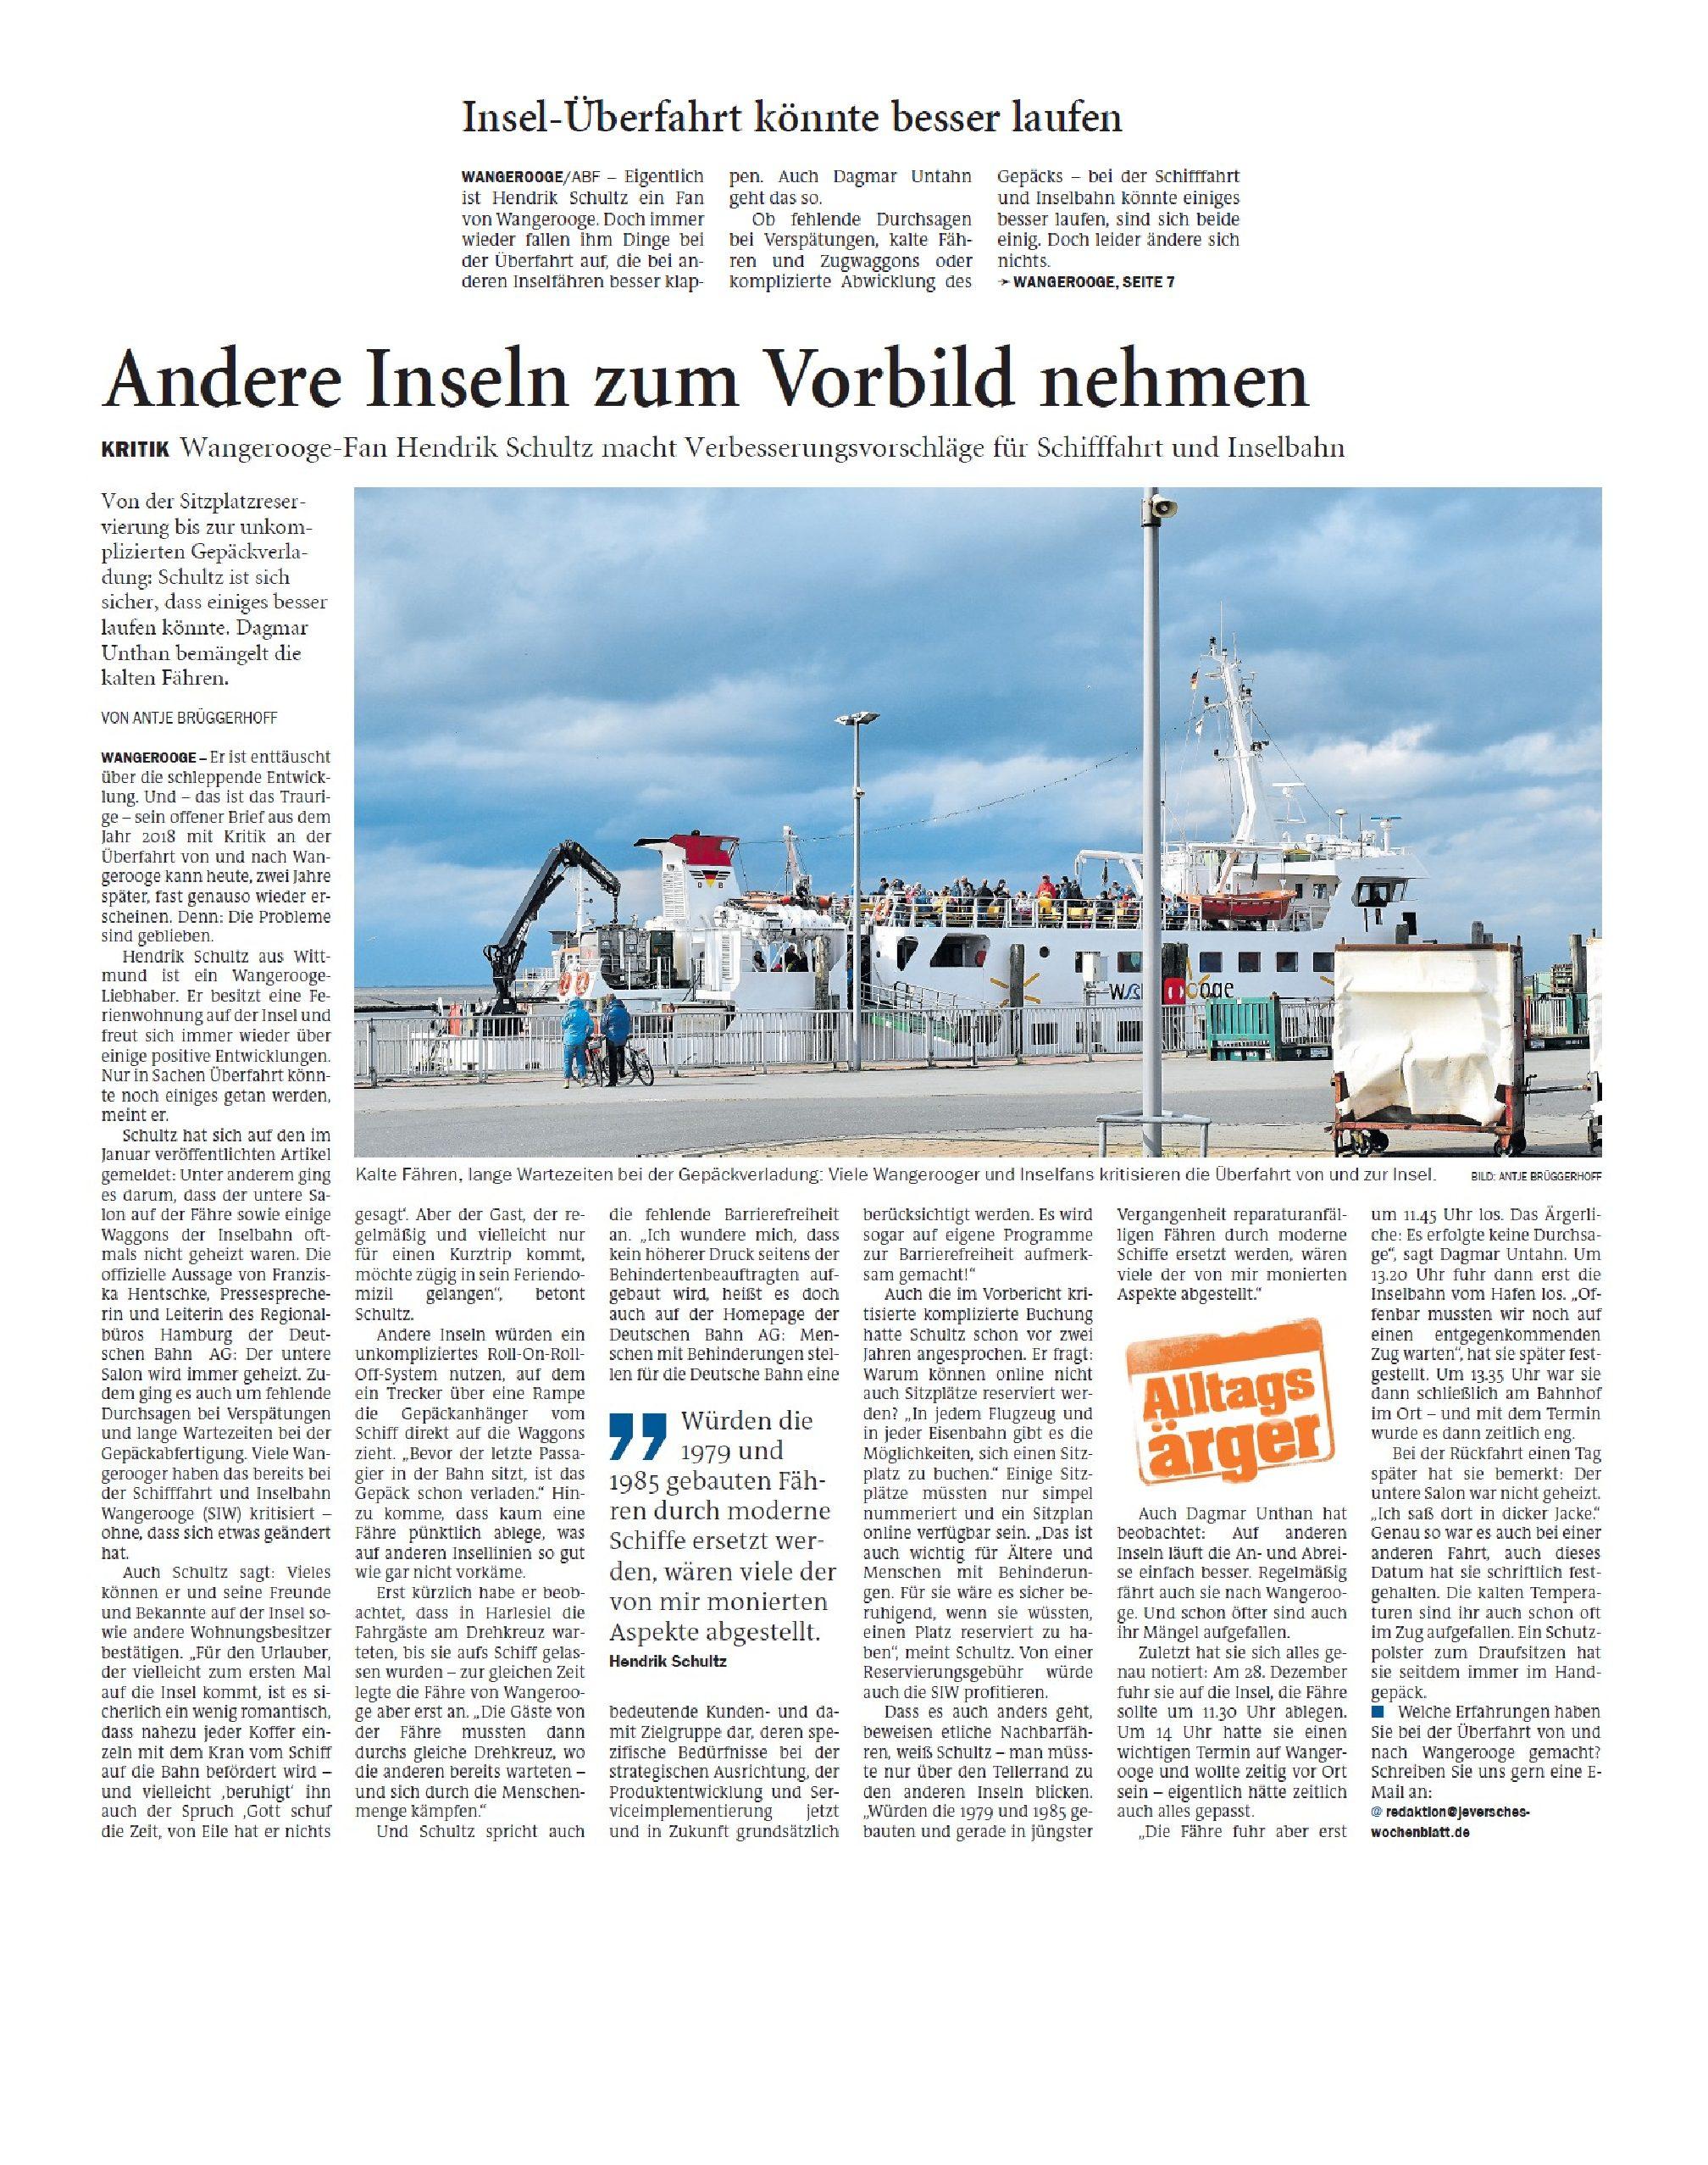 Jeversches Wochenblatt 19.02.2020